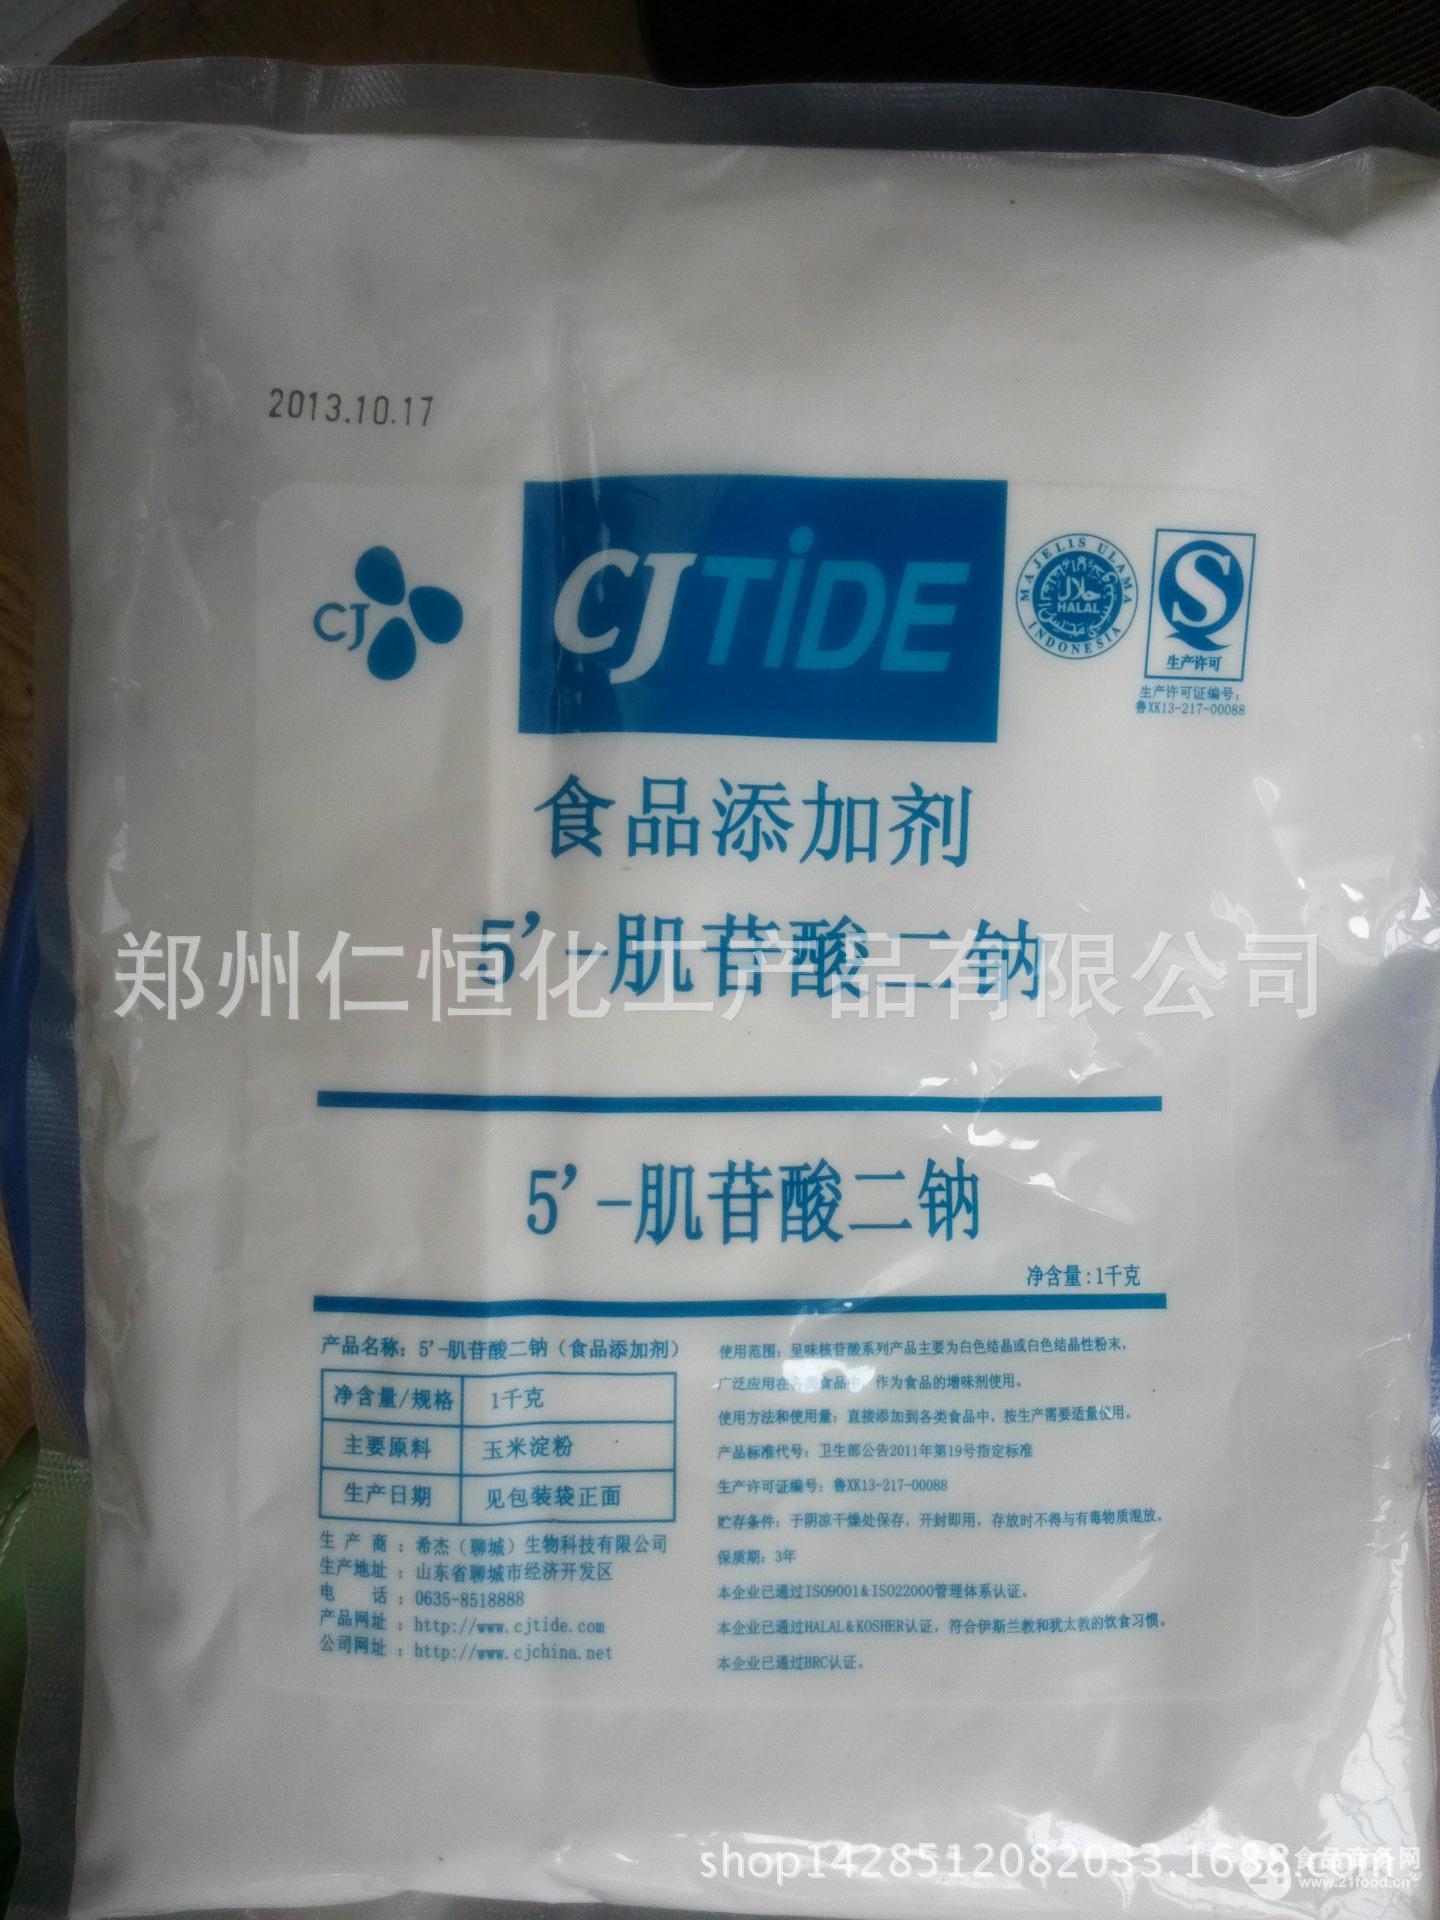 希杰5'-肌苷酸二钠 IMP 食品增味剂